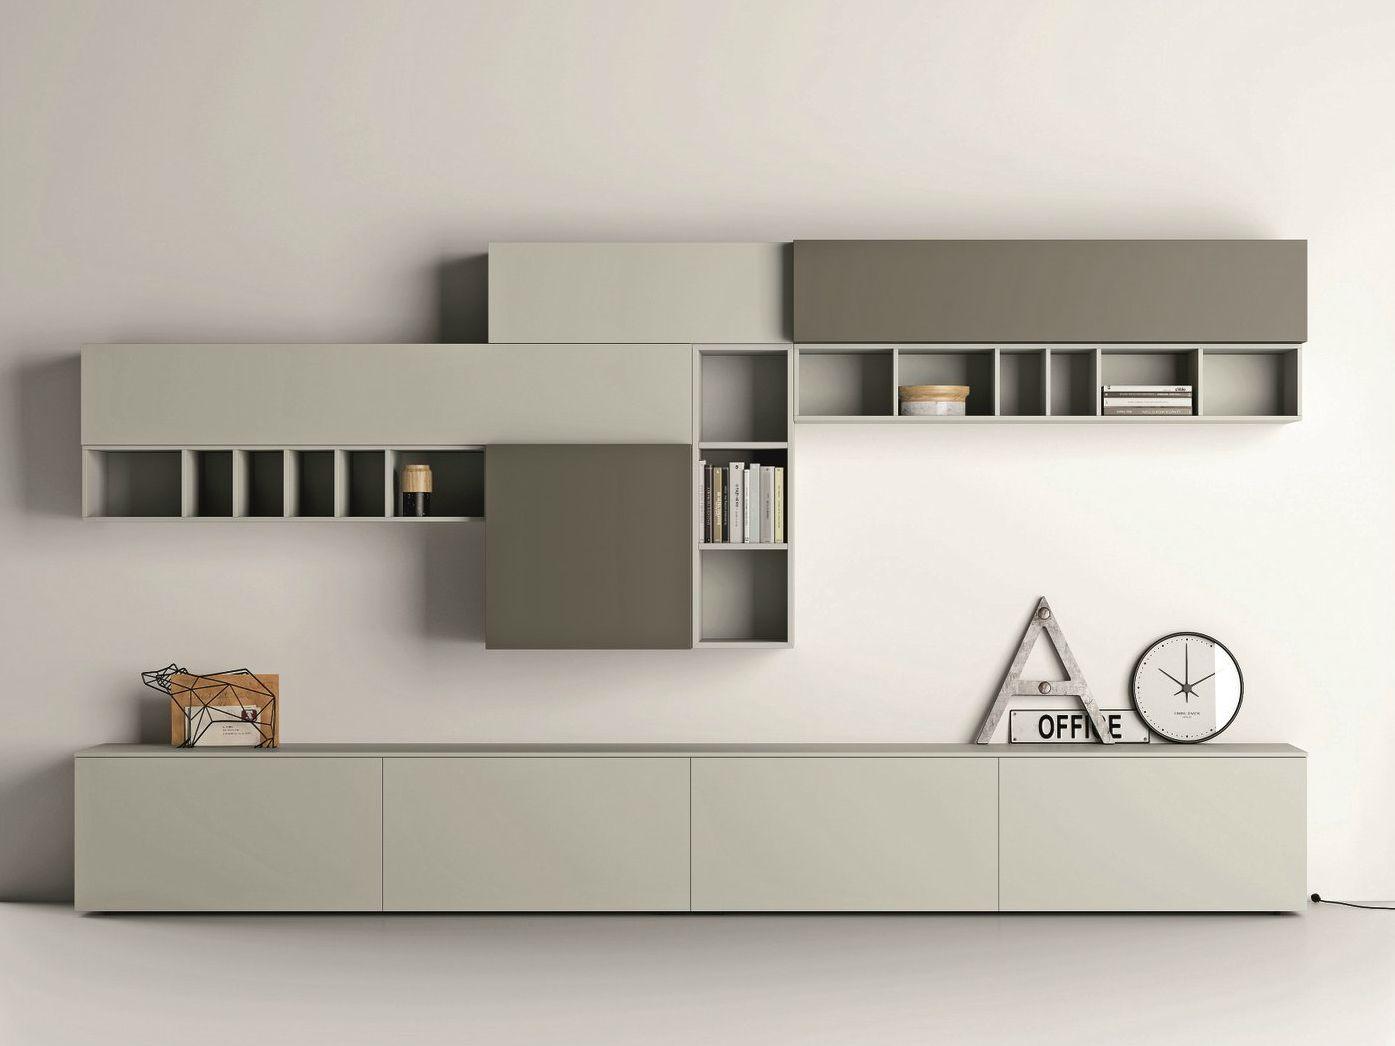 Mueble Modular De Pared Composable Lacado Slim 89 Colecci N Slim  # Meuble Tv Composable Design